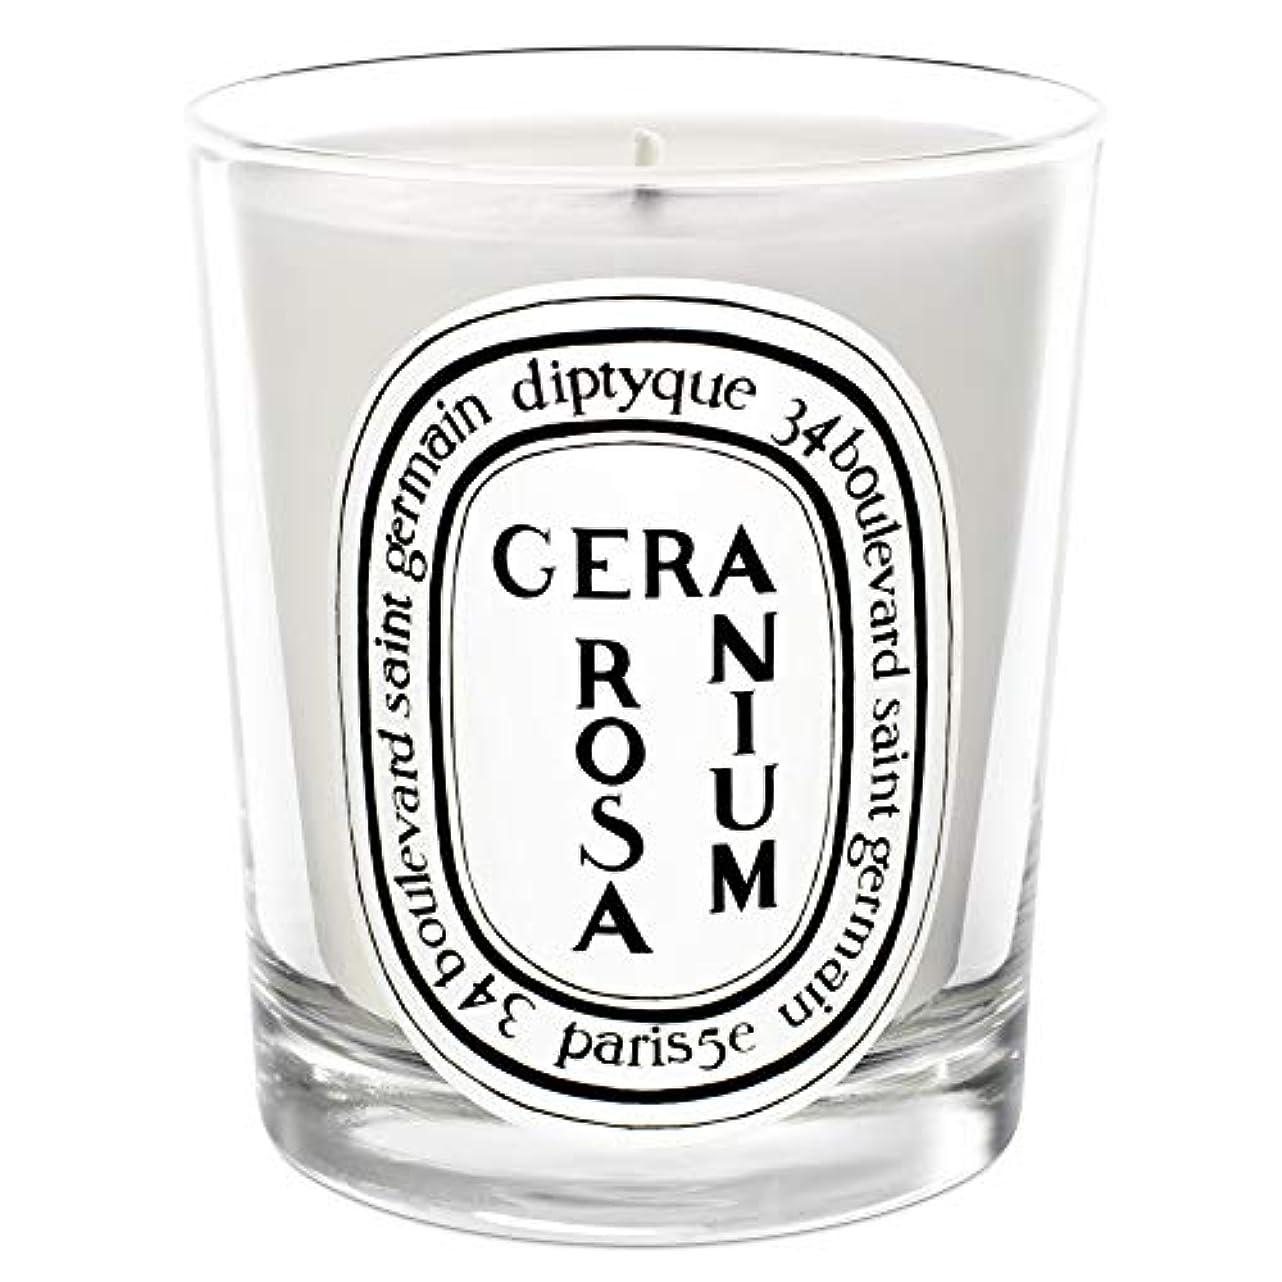 寂しいオート振幅[Diptyque] Diptyqueゼラニウムローザ香りのキャンドル190グラム - Diptyque Geranium Rosa Scented Candle 190g [並行輸入品]